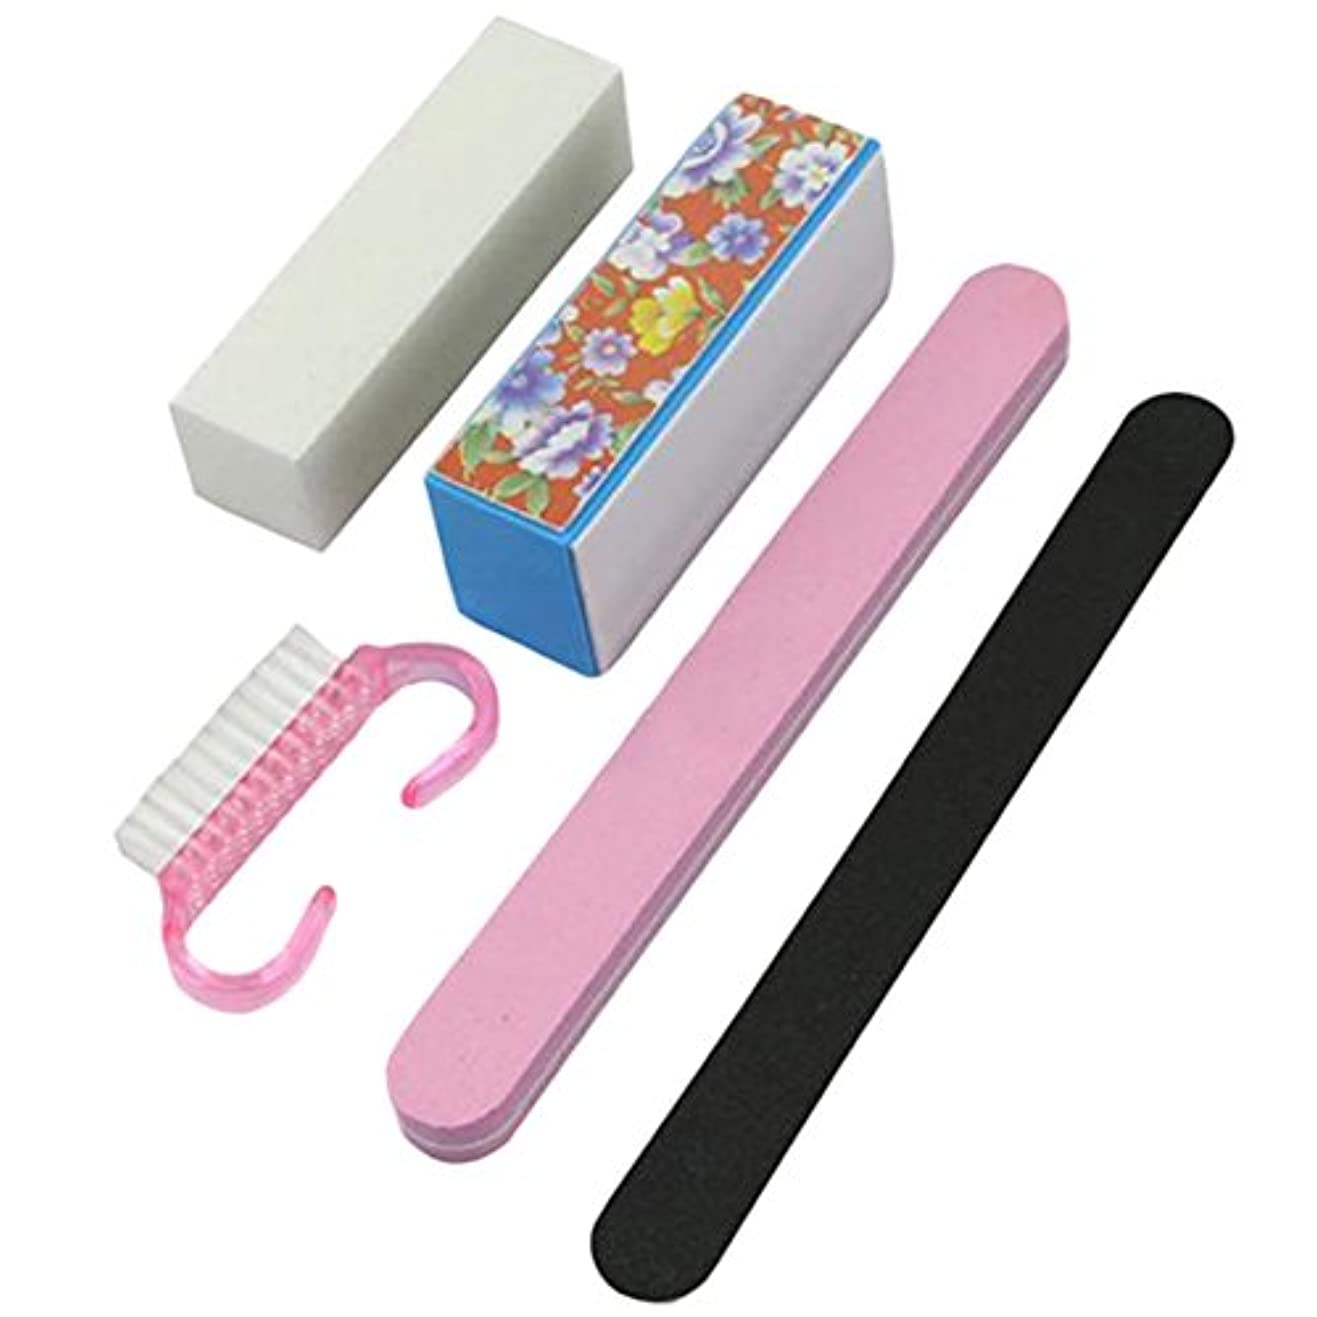 分散パントリービザYideaHome ネイルファイル 爪やすり 爪磨き ネイルケア 5点セット ジェルネイル用ファイル